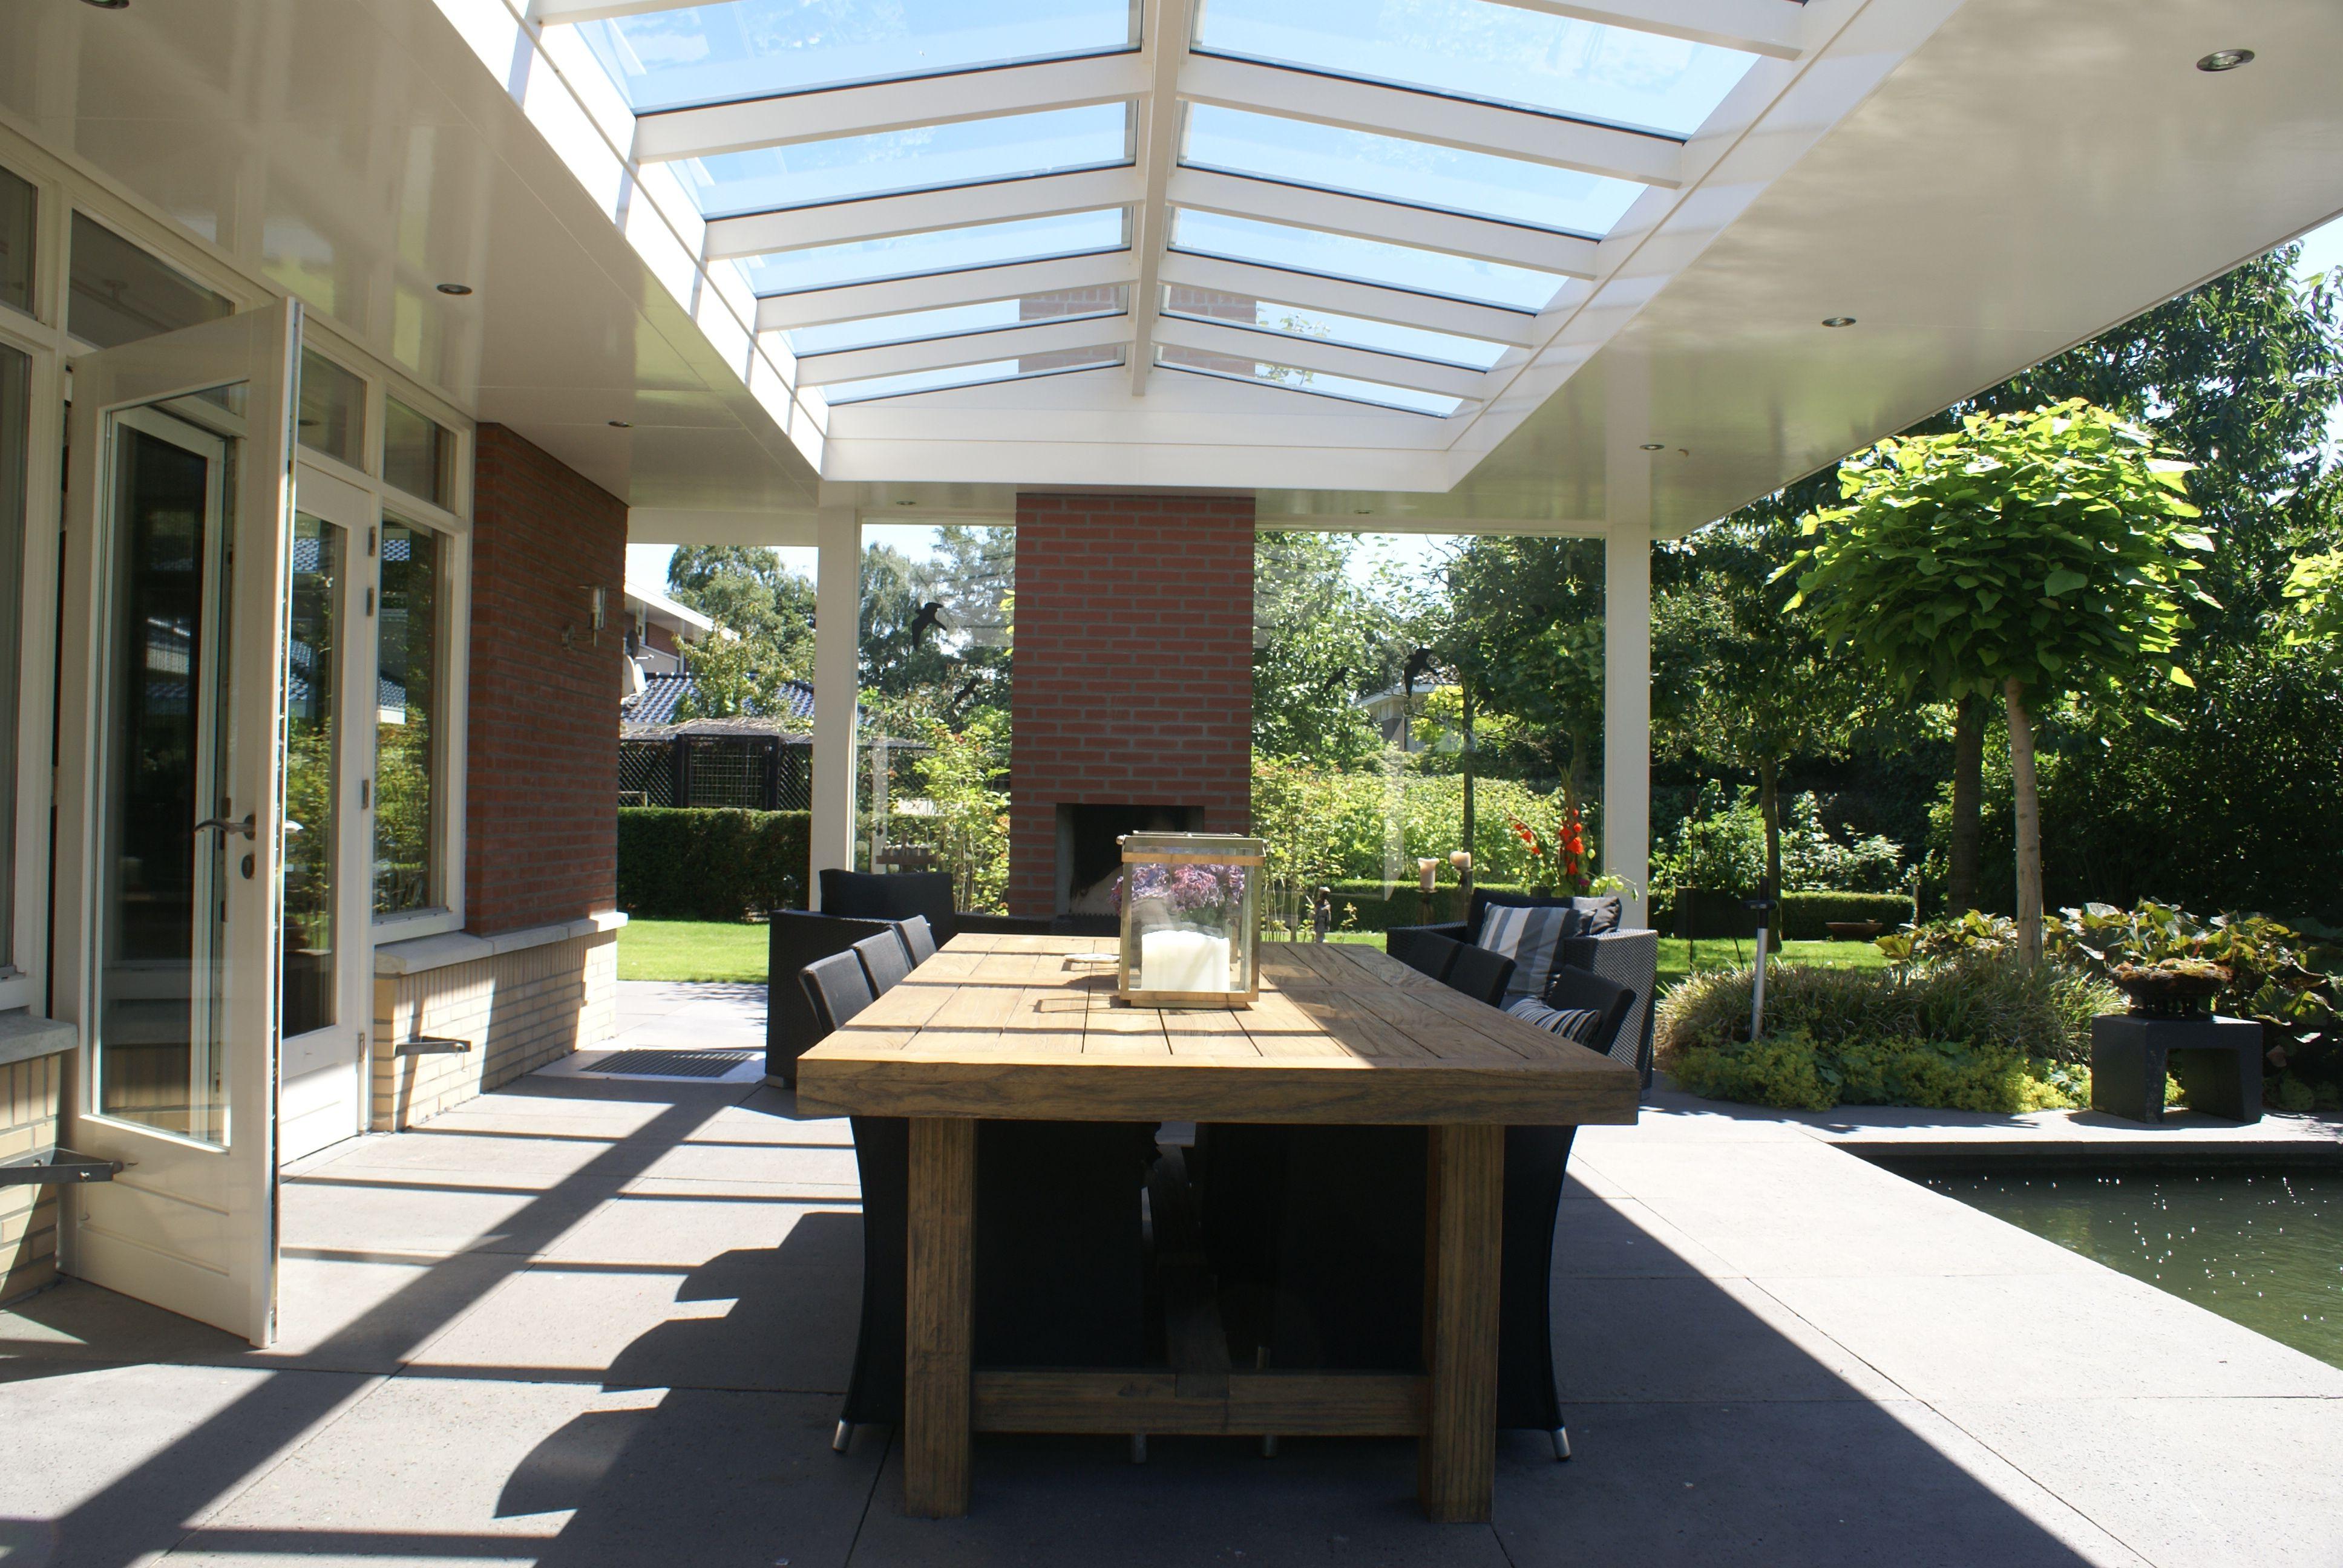 Aanbouw keuken lichtkoepels google zoeken aanbouw keuken pinterest verandas sunrooms - Keuken verandas ...